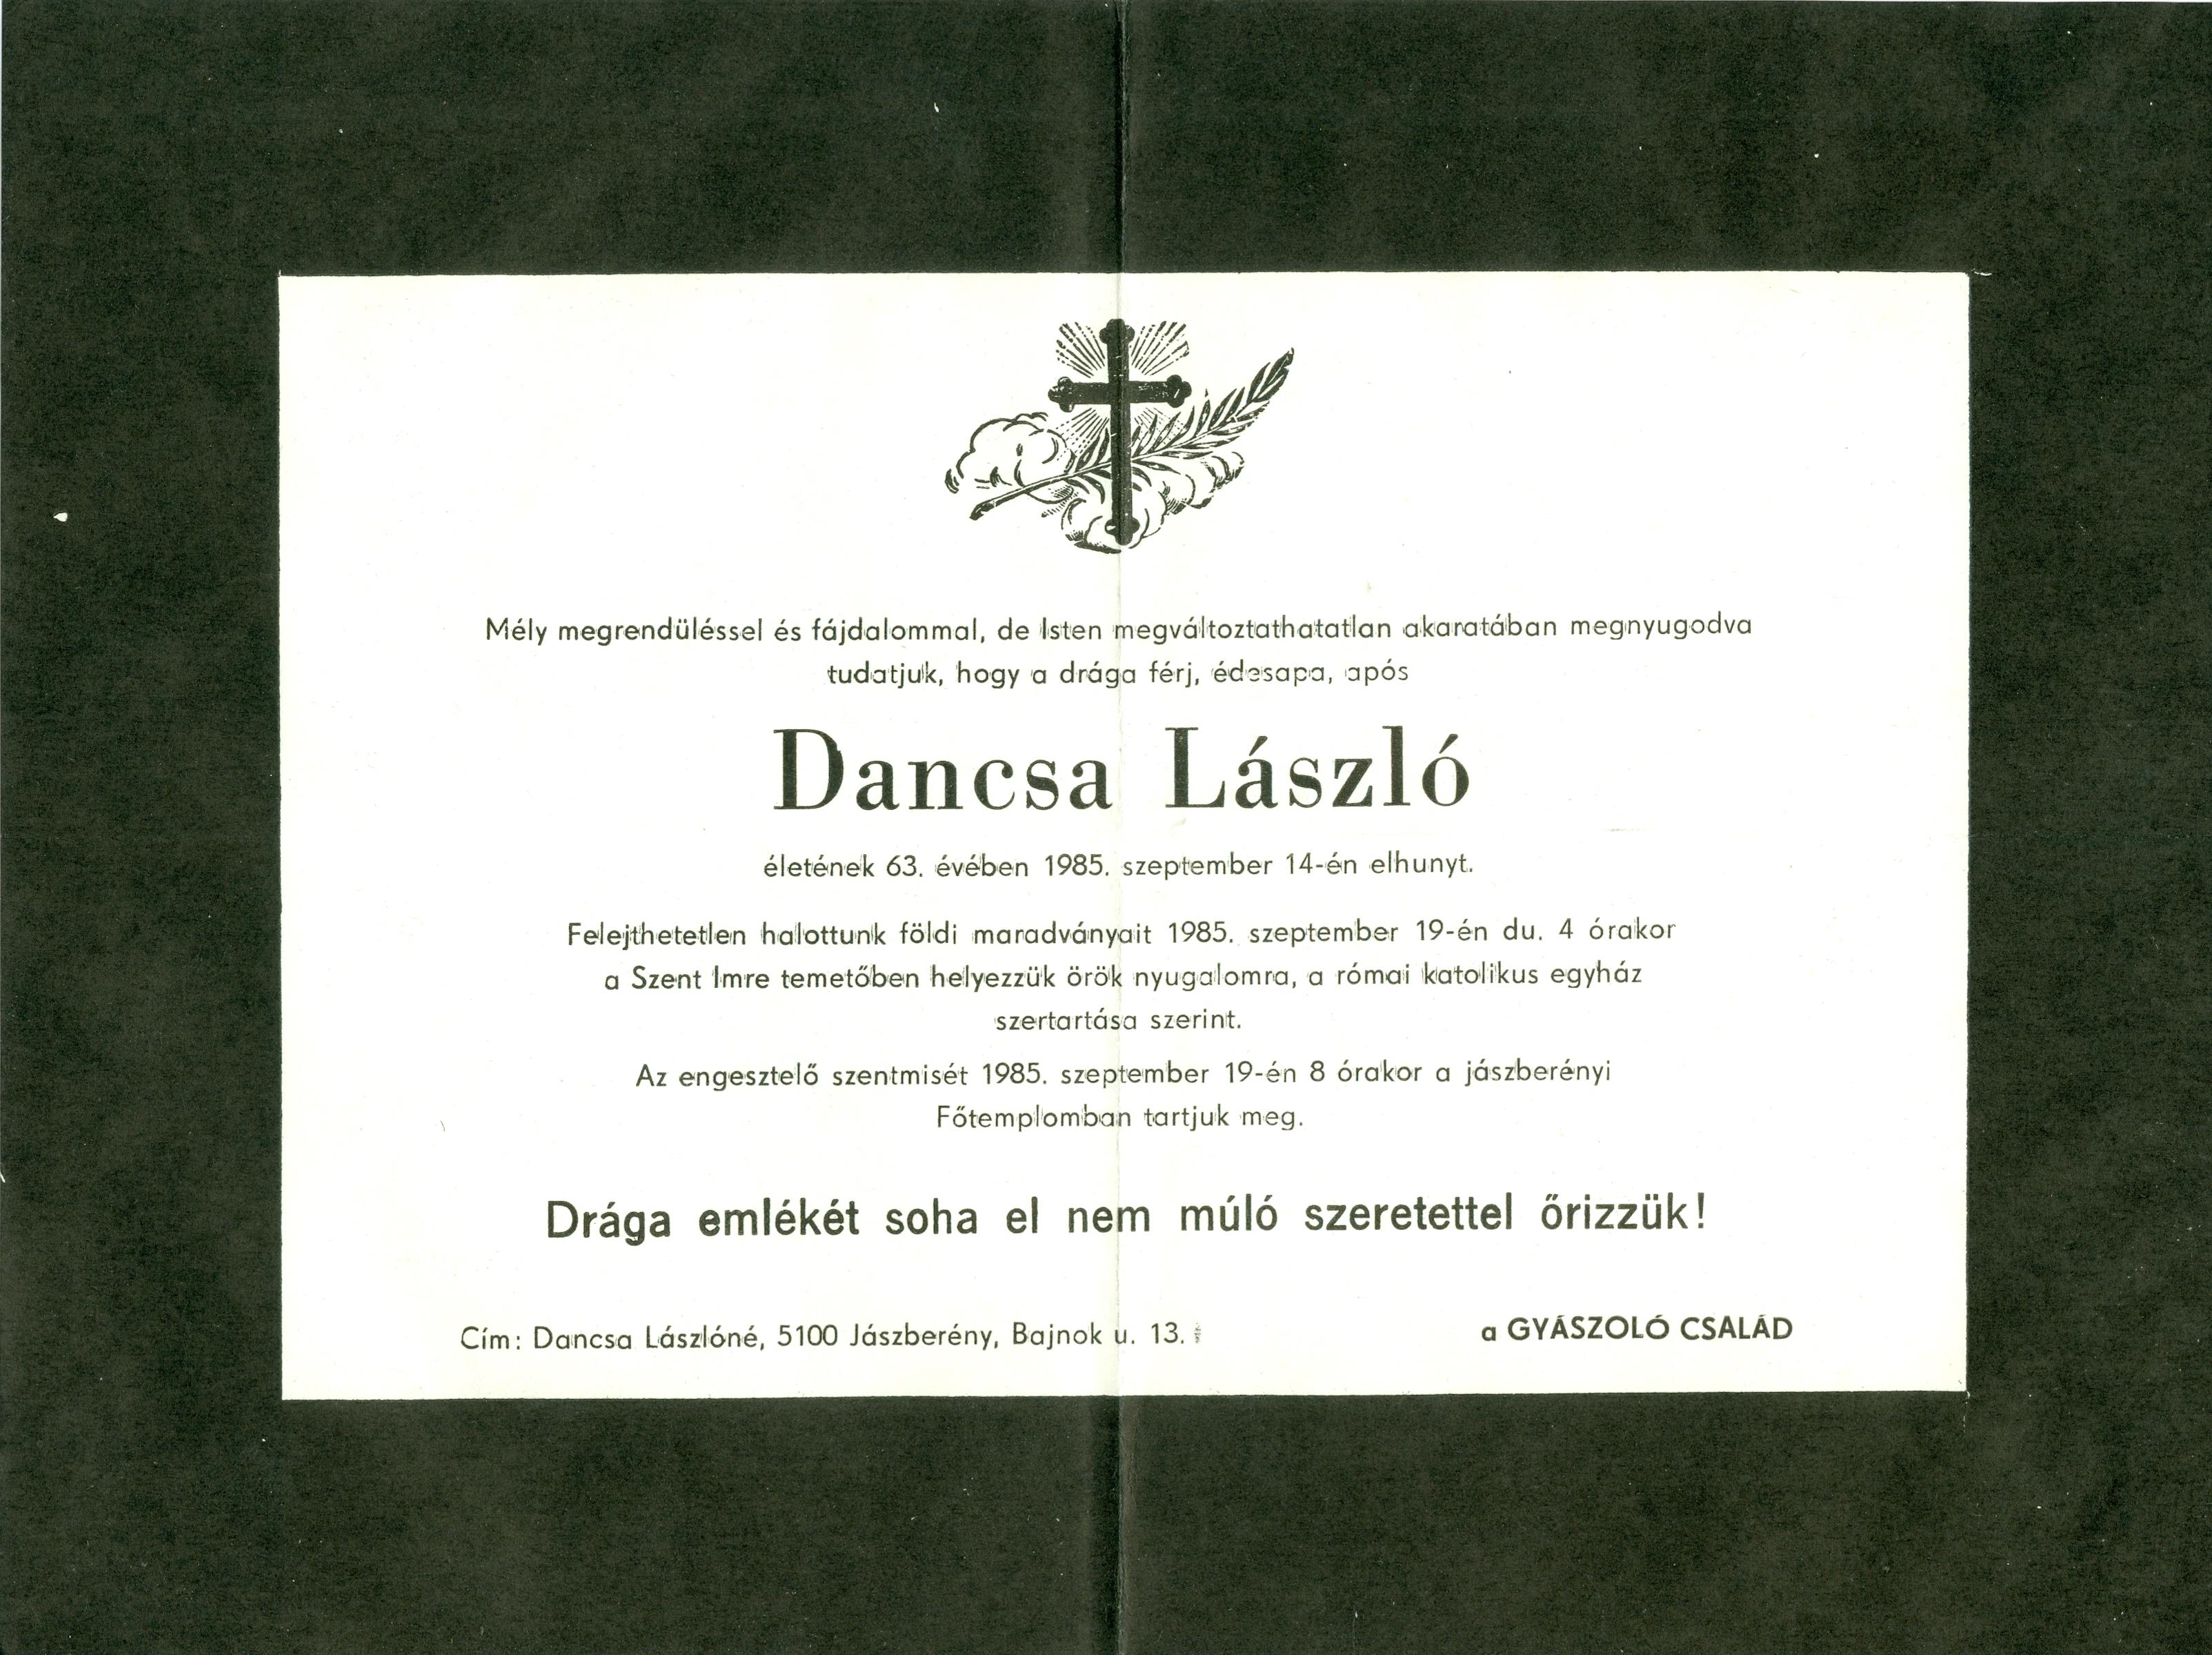 Dancsa László